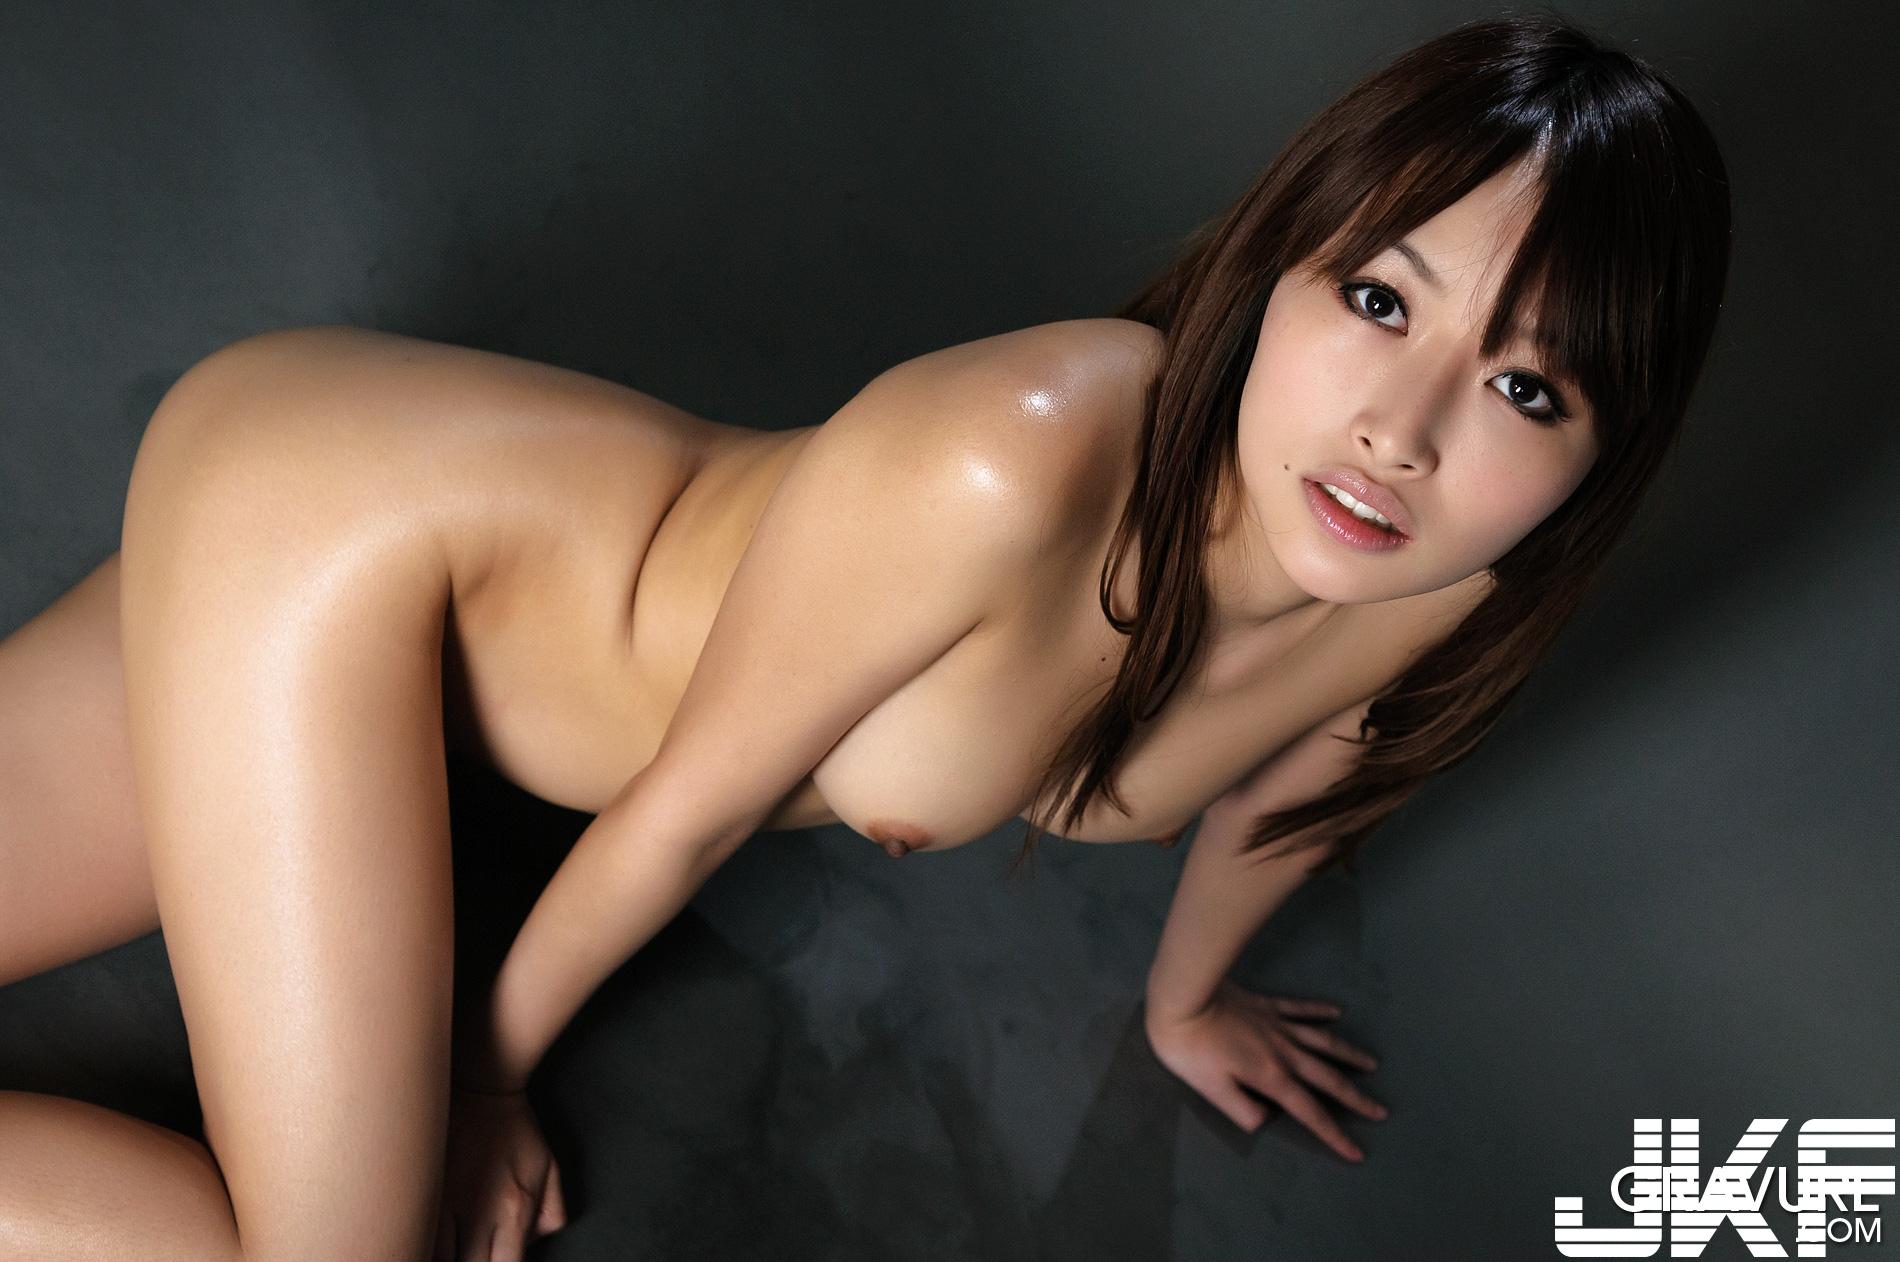 1_086 - MANA-AOKI-09-085.jpg